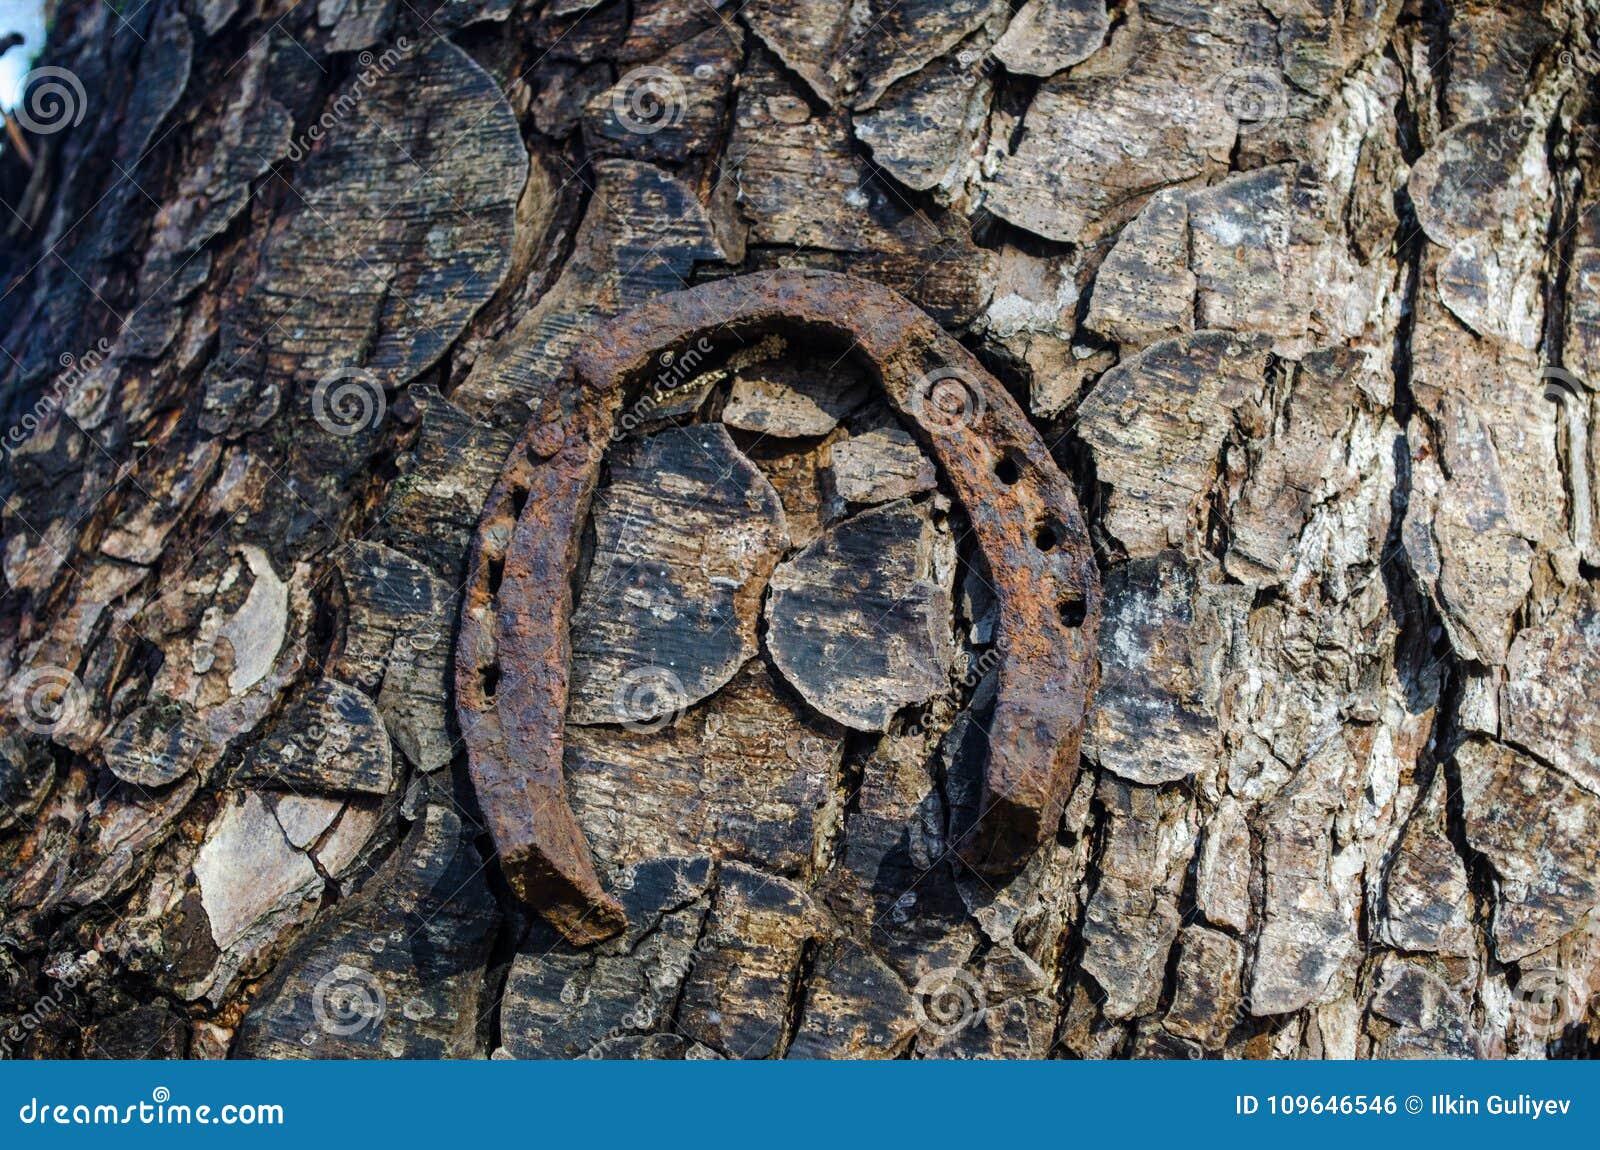 Hufeisensee Trailhead Drei alte rostige Hufeisen, die an einem Baumstamm hängen